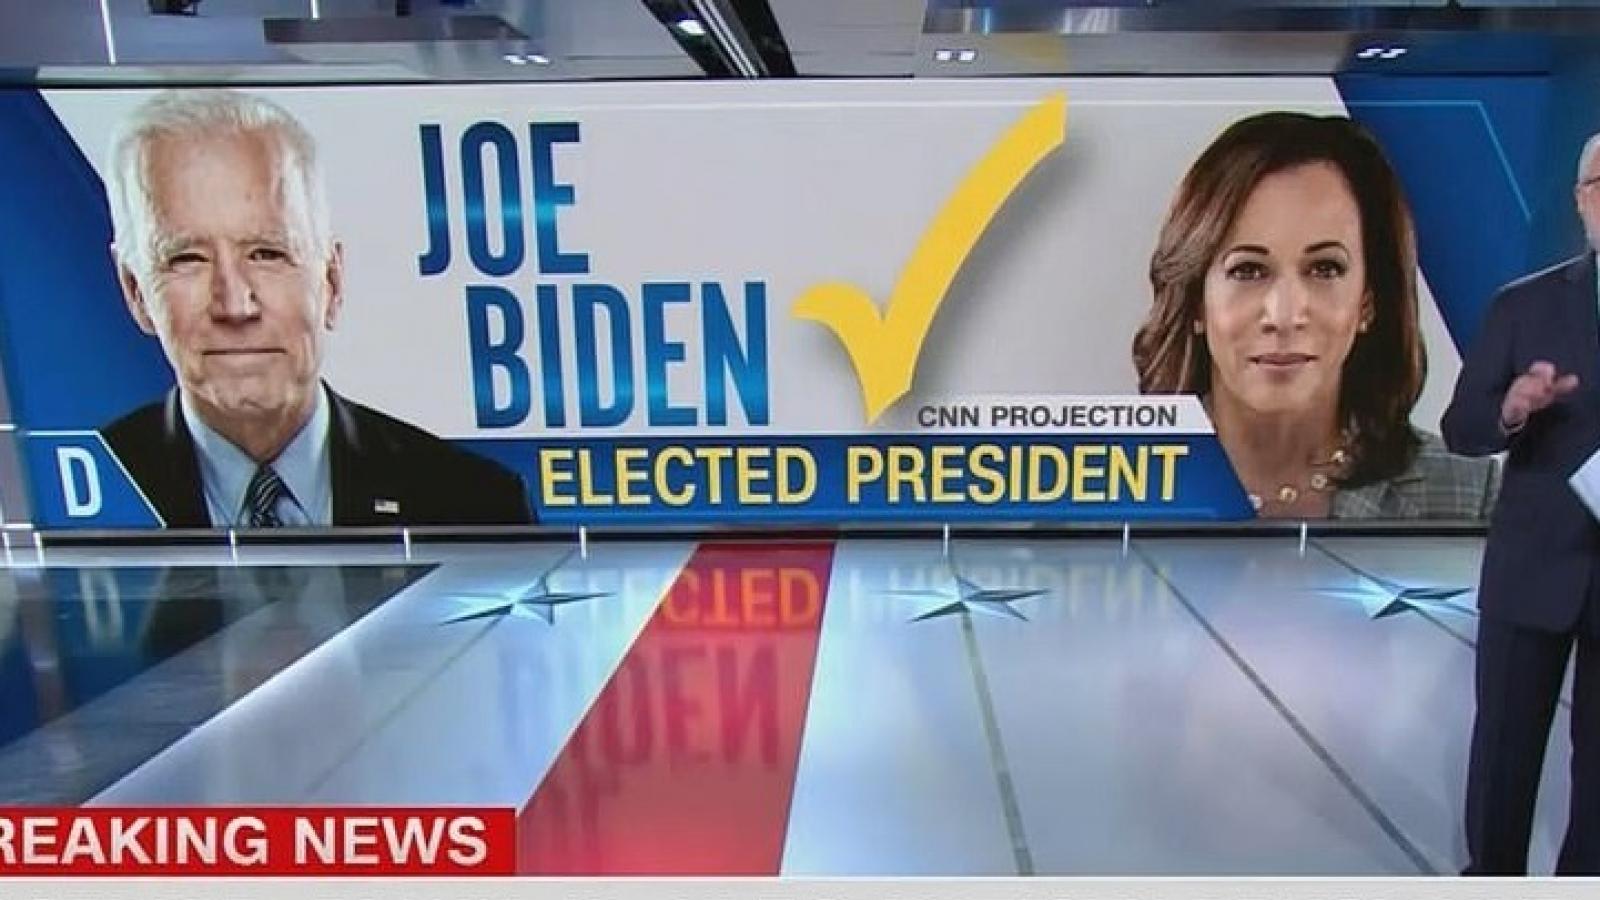 Thông tấn AP và hàng loạt đài truyền hình nói Joe Biden chiến thắng trong bầu cử Mỹ